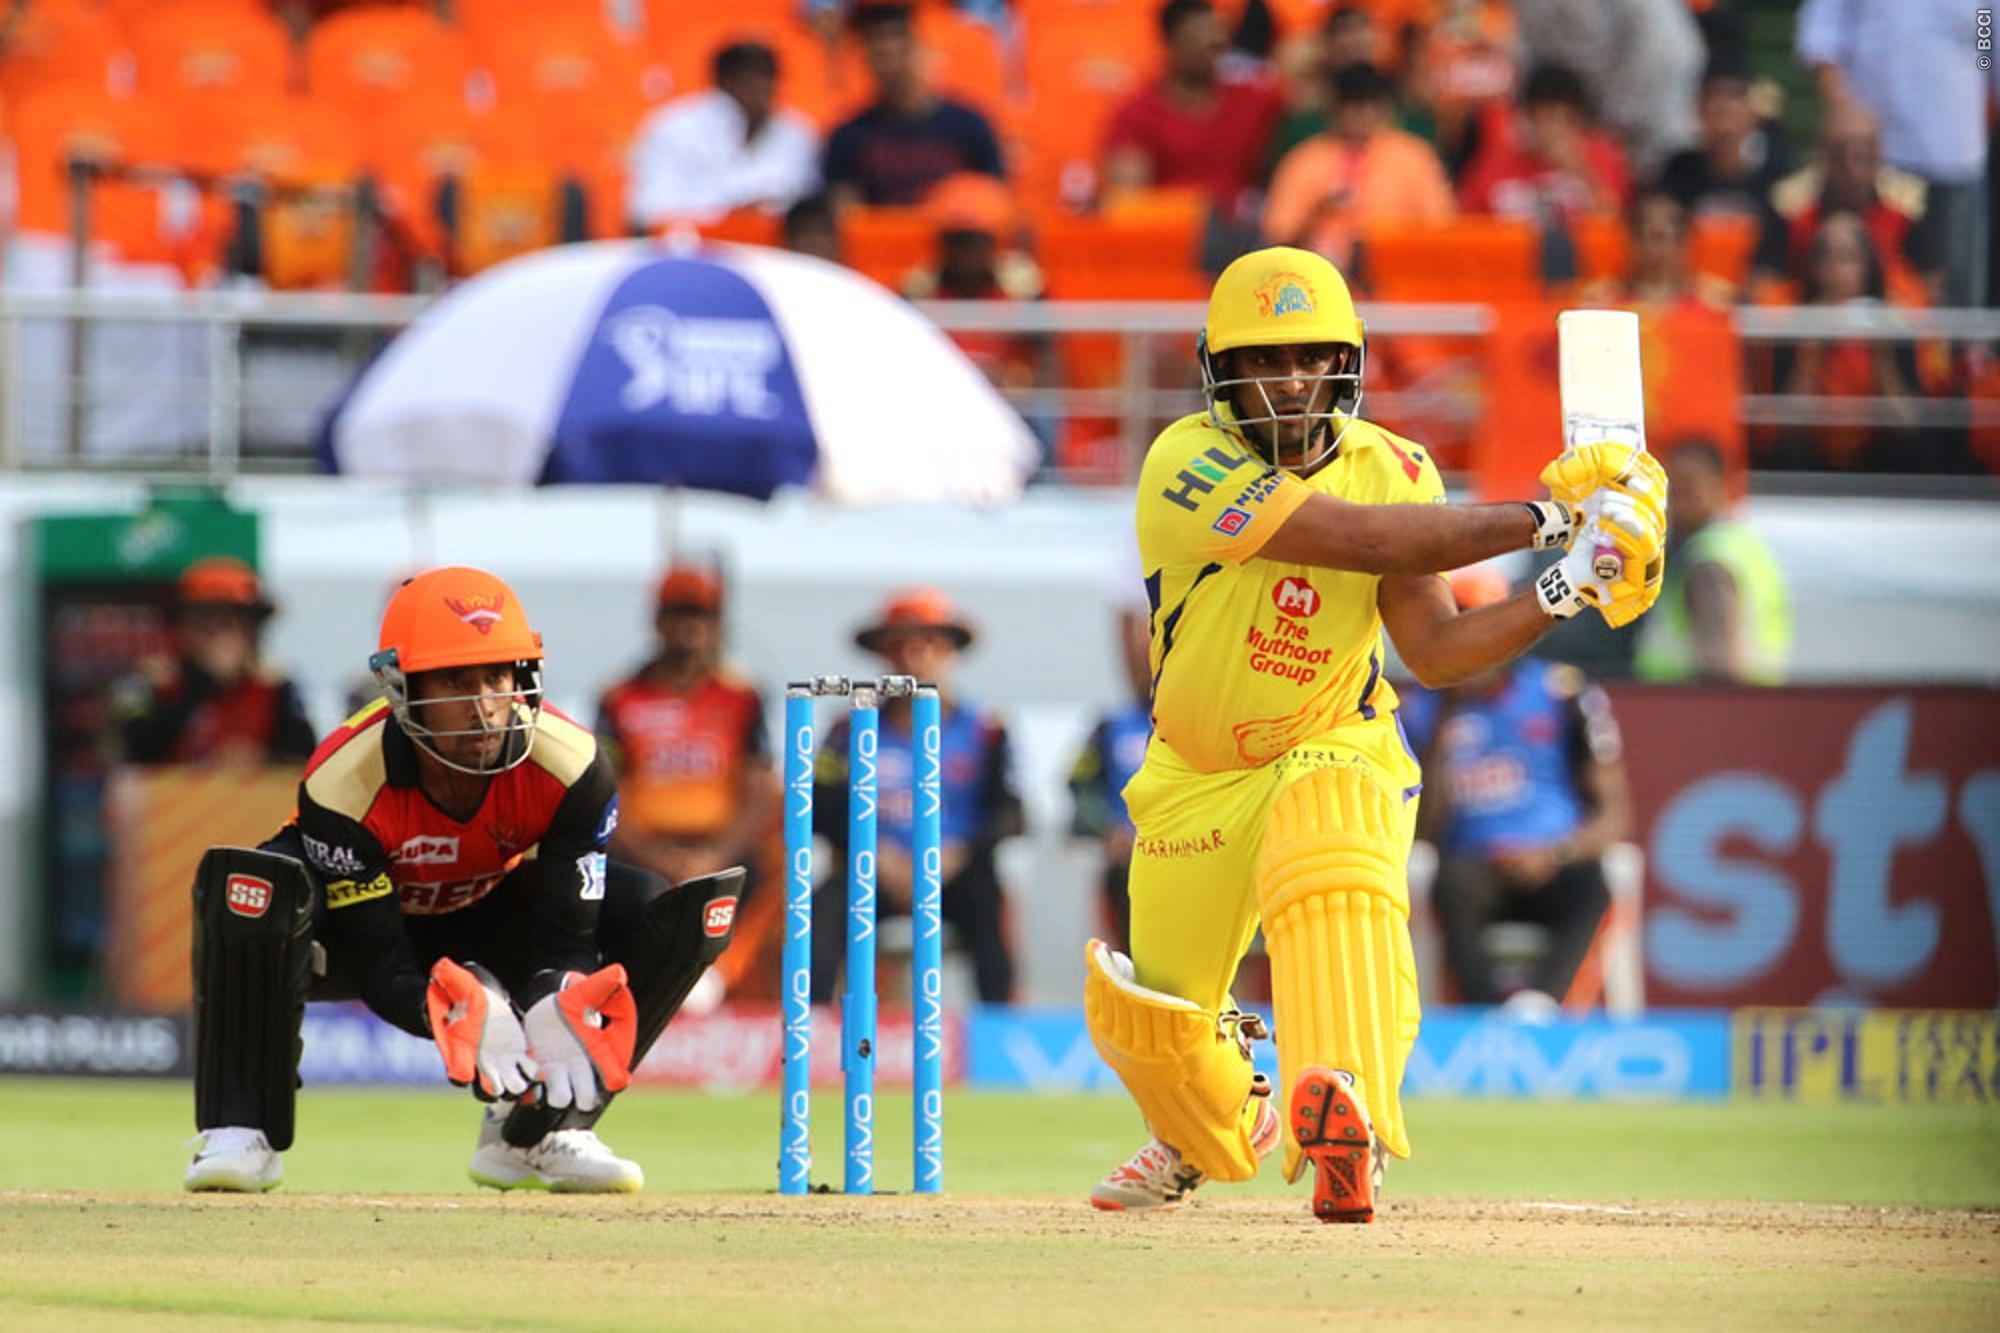 STATS: हैदराबाद और चेन्नई के बिच मैच में बने कुल 6 ऐतिहासिक रिकॉर्ड, लेकिन रैना ने कोहली को छोड़ा पीछे 4